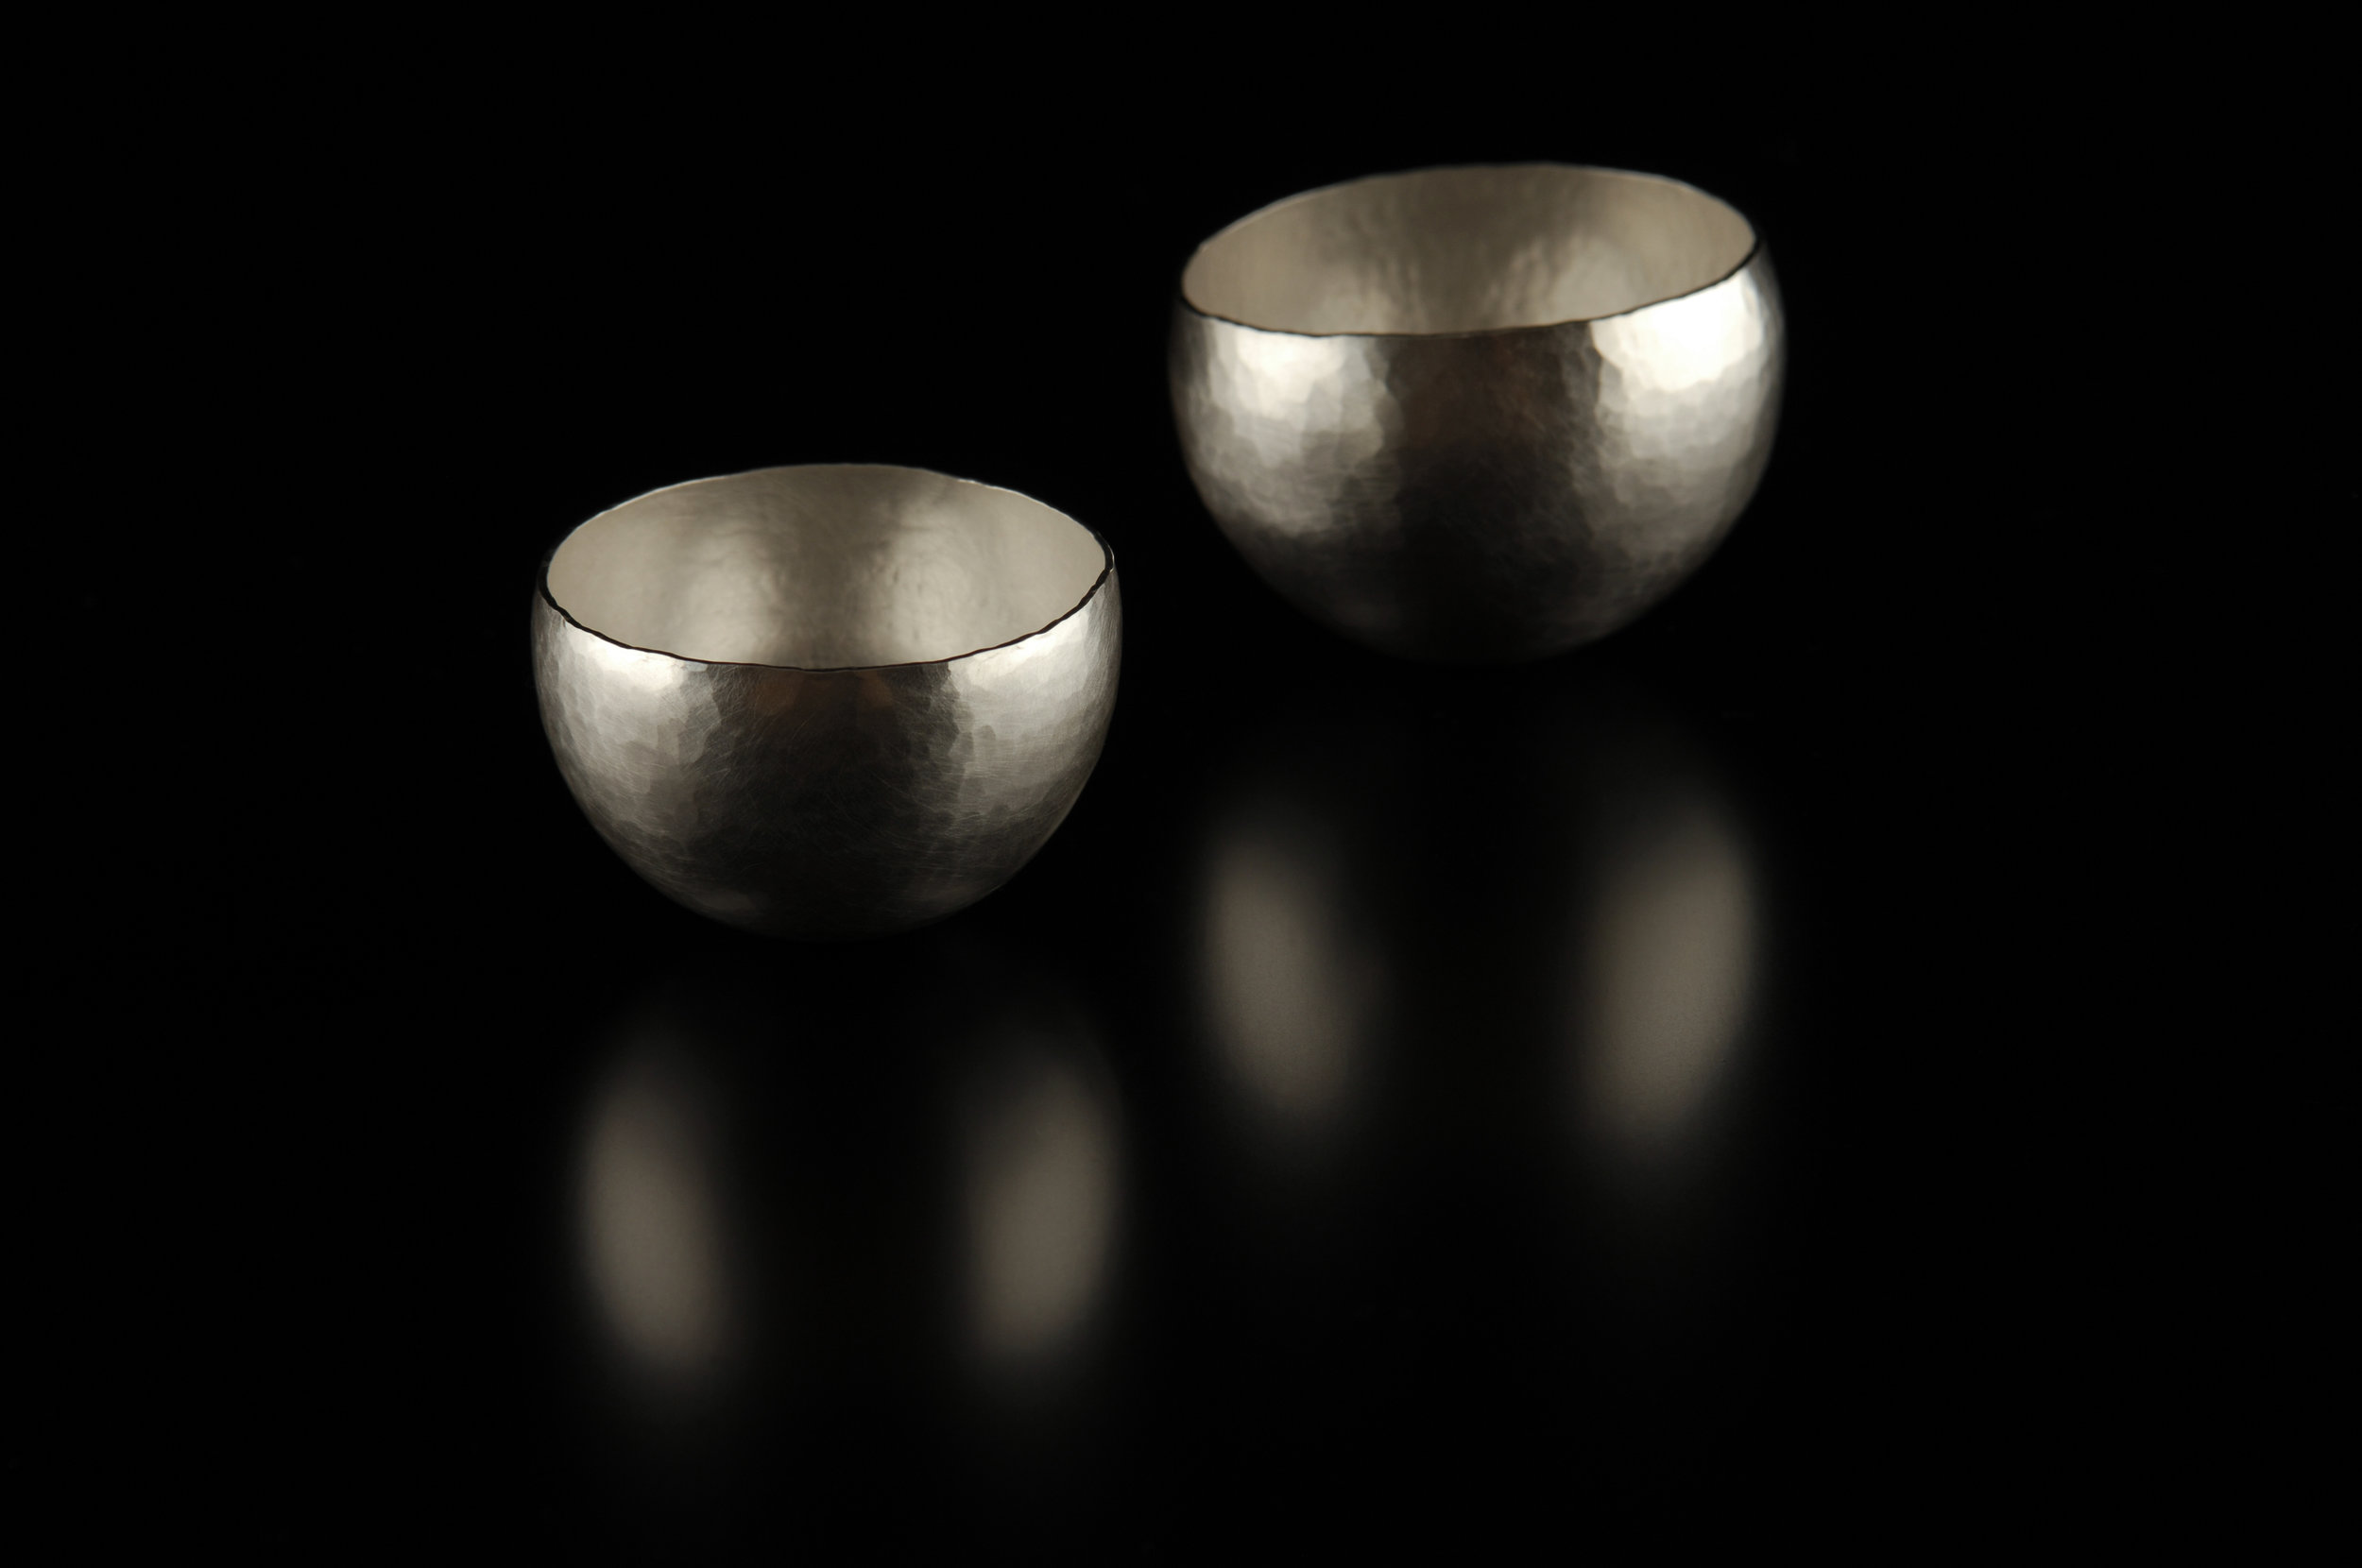 Tumble Bowls